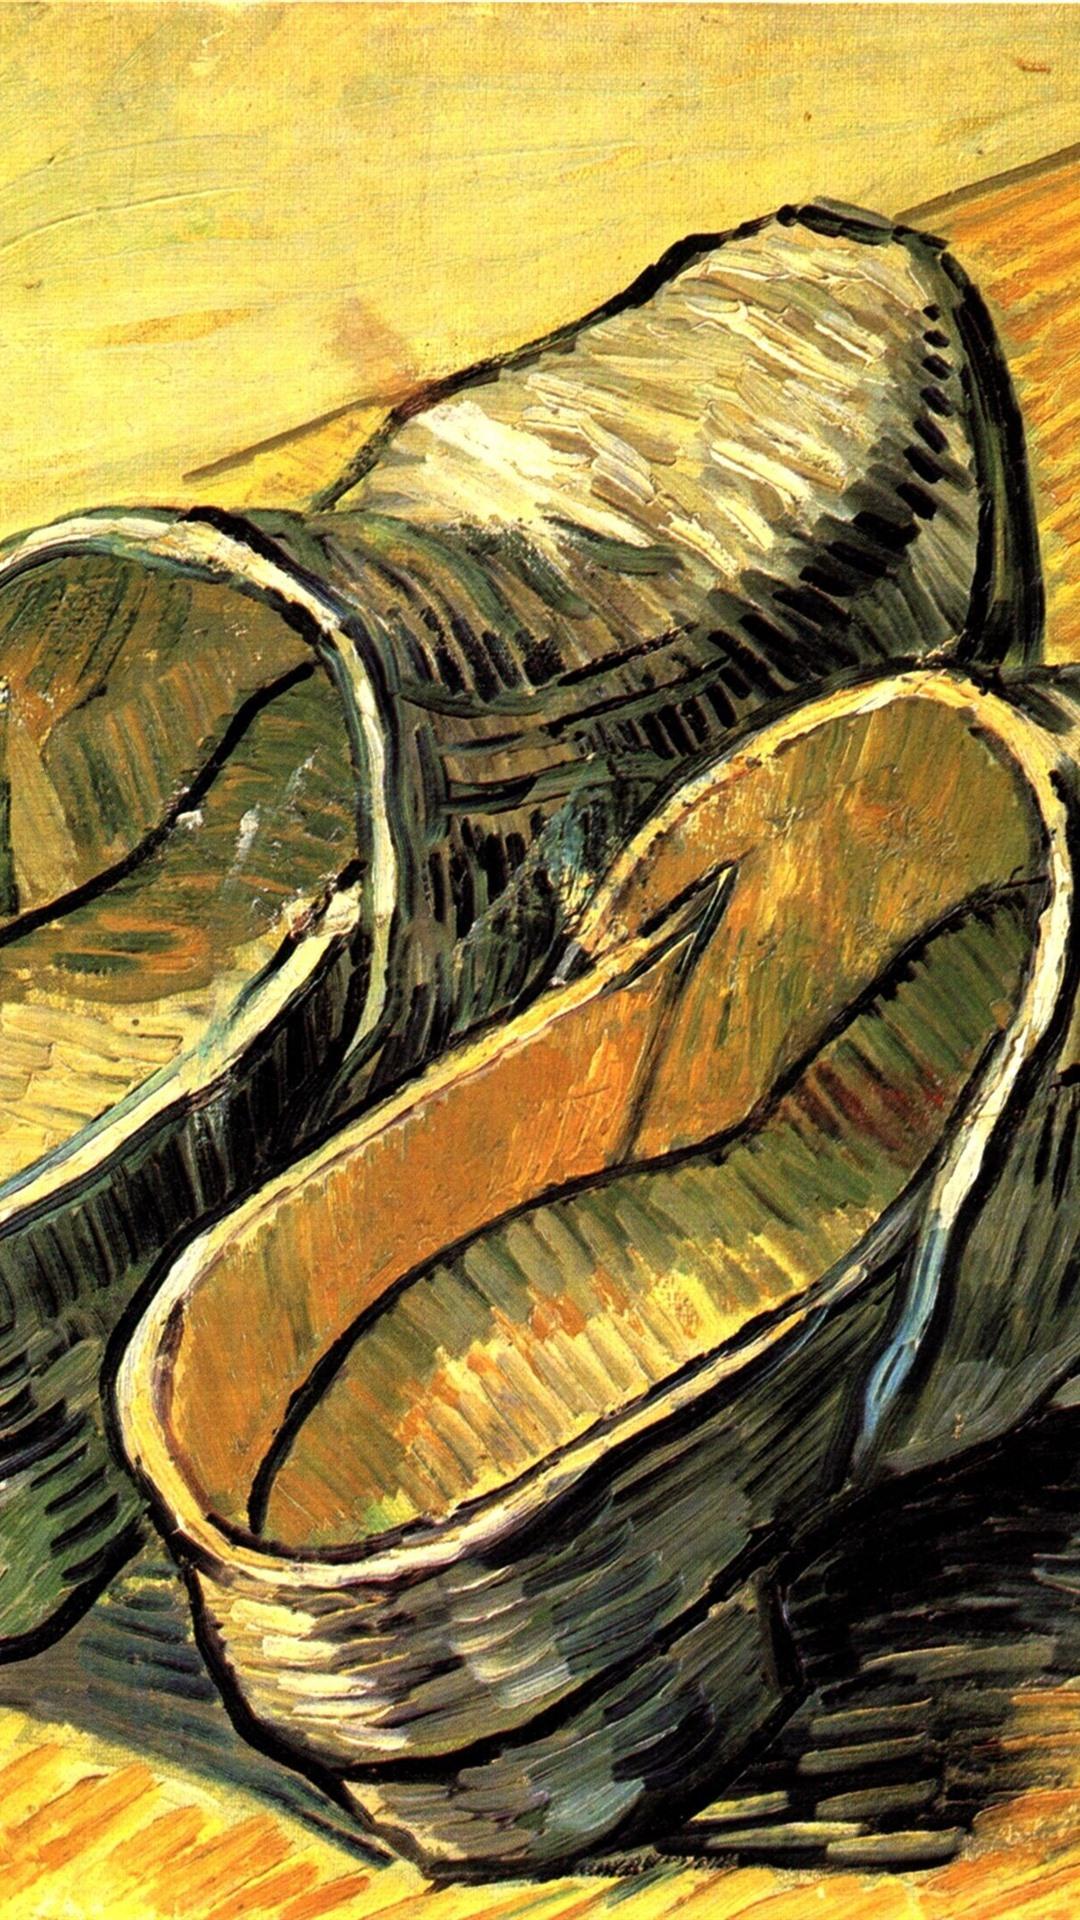 Schuhe ölgemälde Vincent Van Gogh 2560x1920 Hd